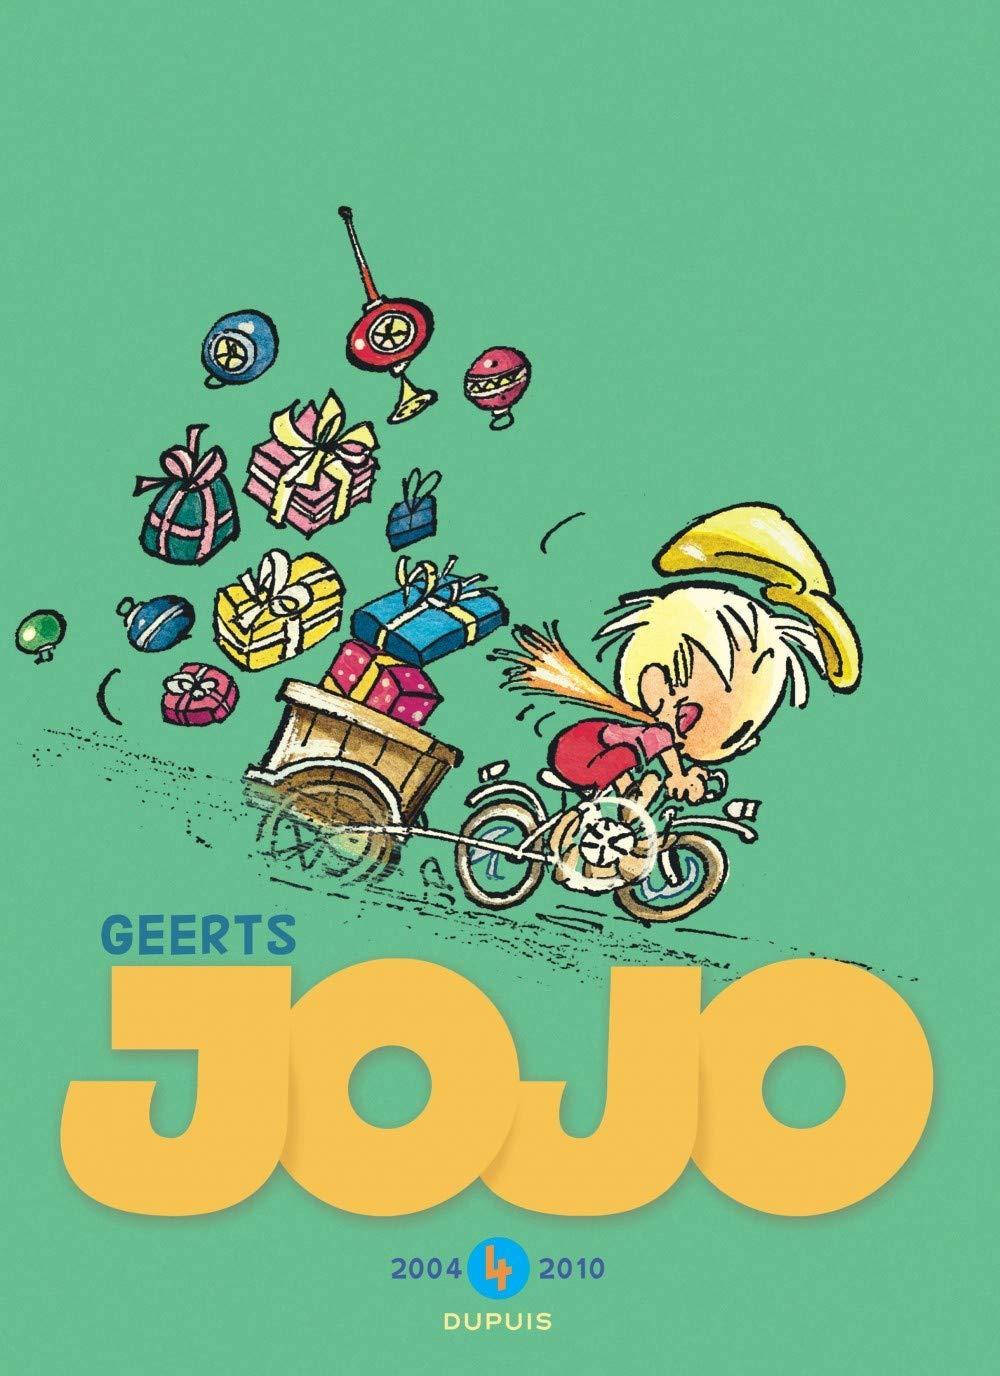 Jojo 4 - 2004 - 2010